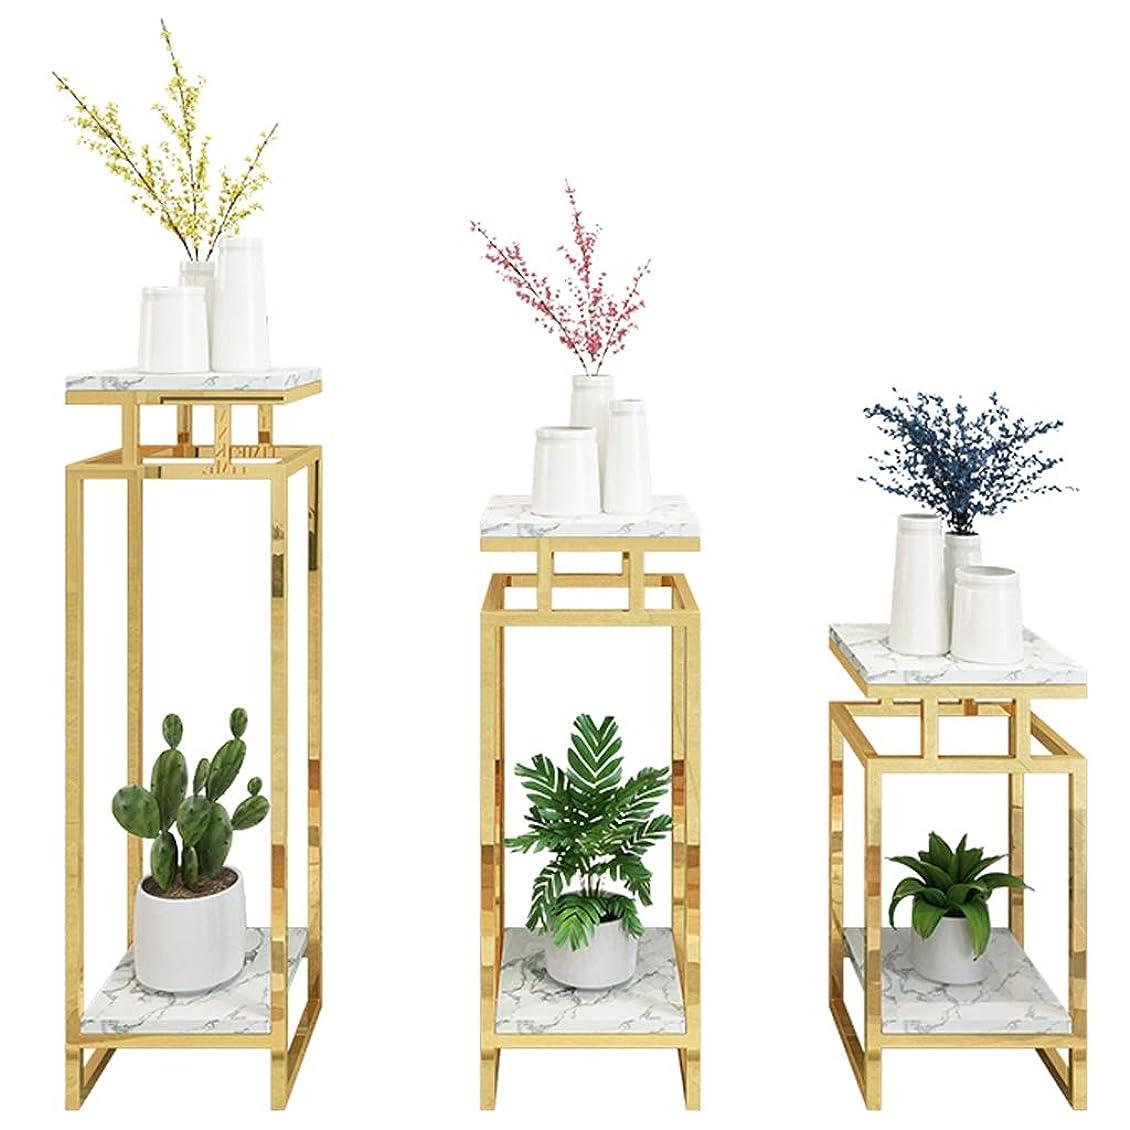 事実米ドル膿瘍2ティアード植物スタンド、バルコニーの装飾屋内メタルフラワースタンドガーデンパティオ棚植物植木鉢、様々なサイズ